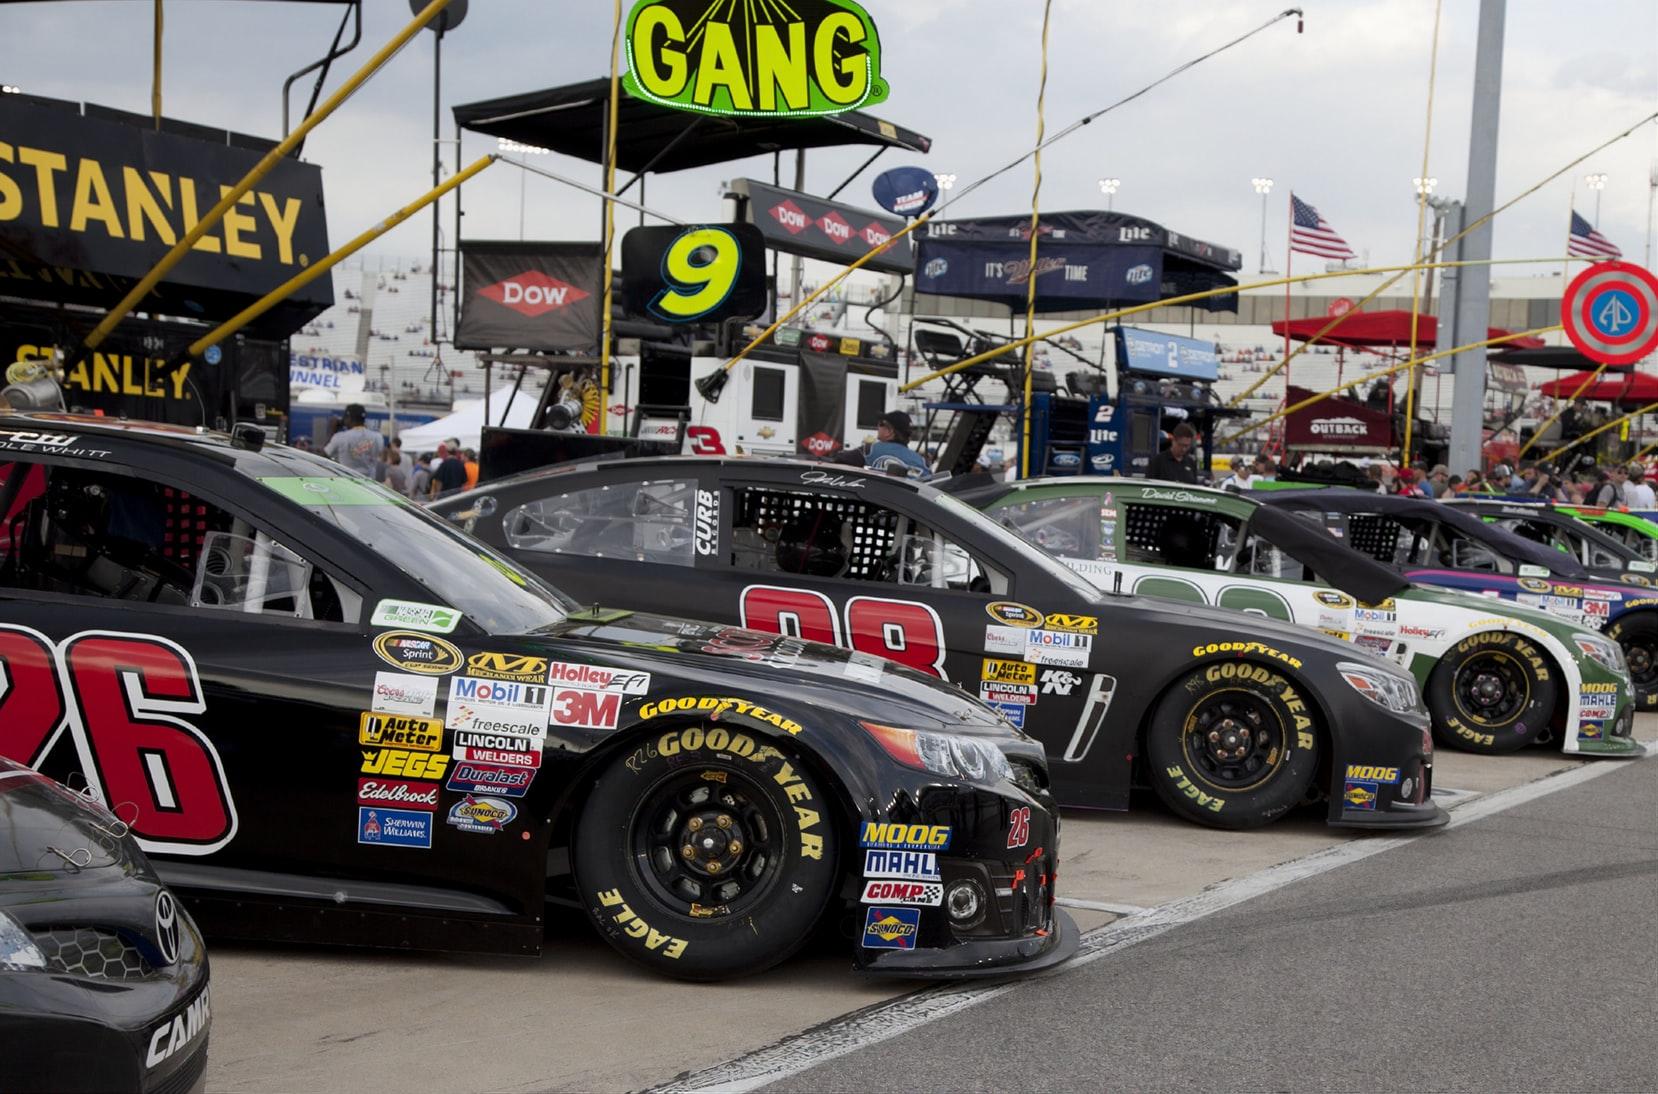 NASCAR event